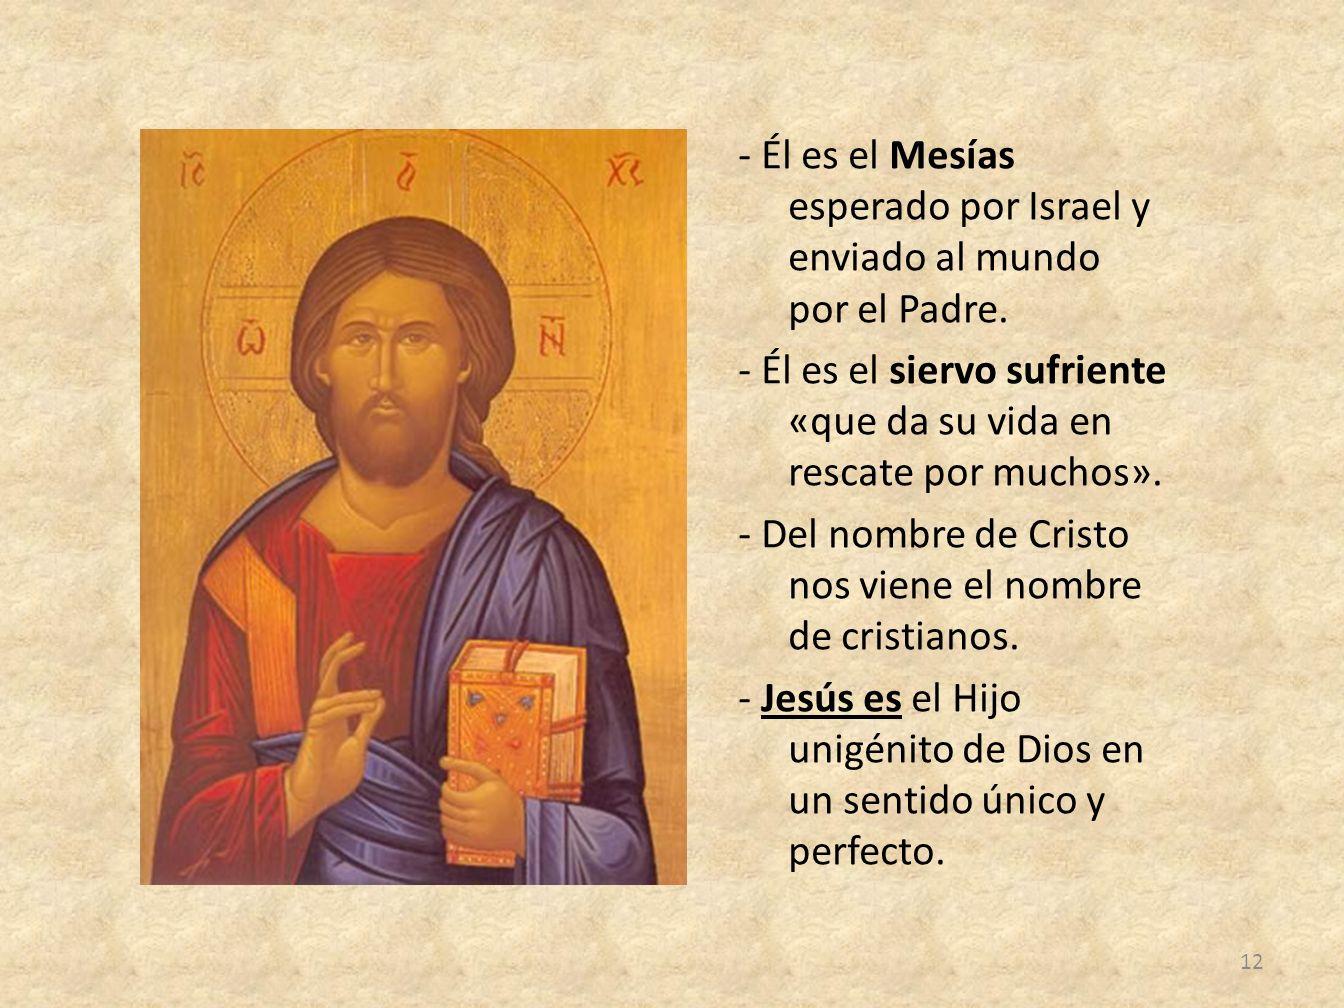 - Él es el Mesías esperado por Israel y enviado al mundo por el Padre